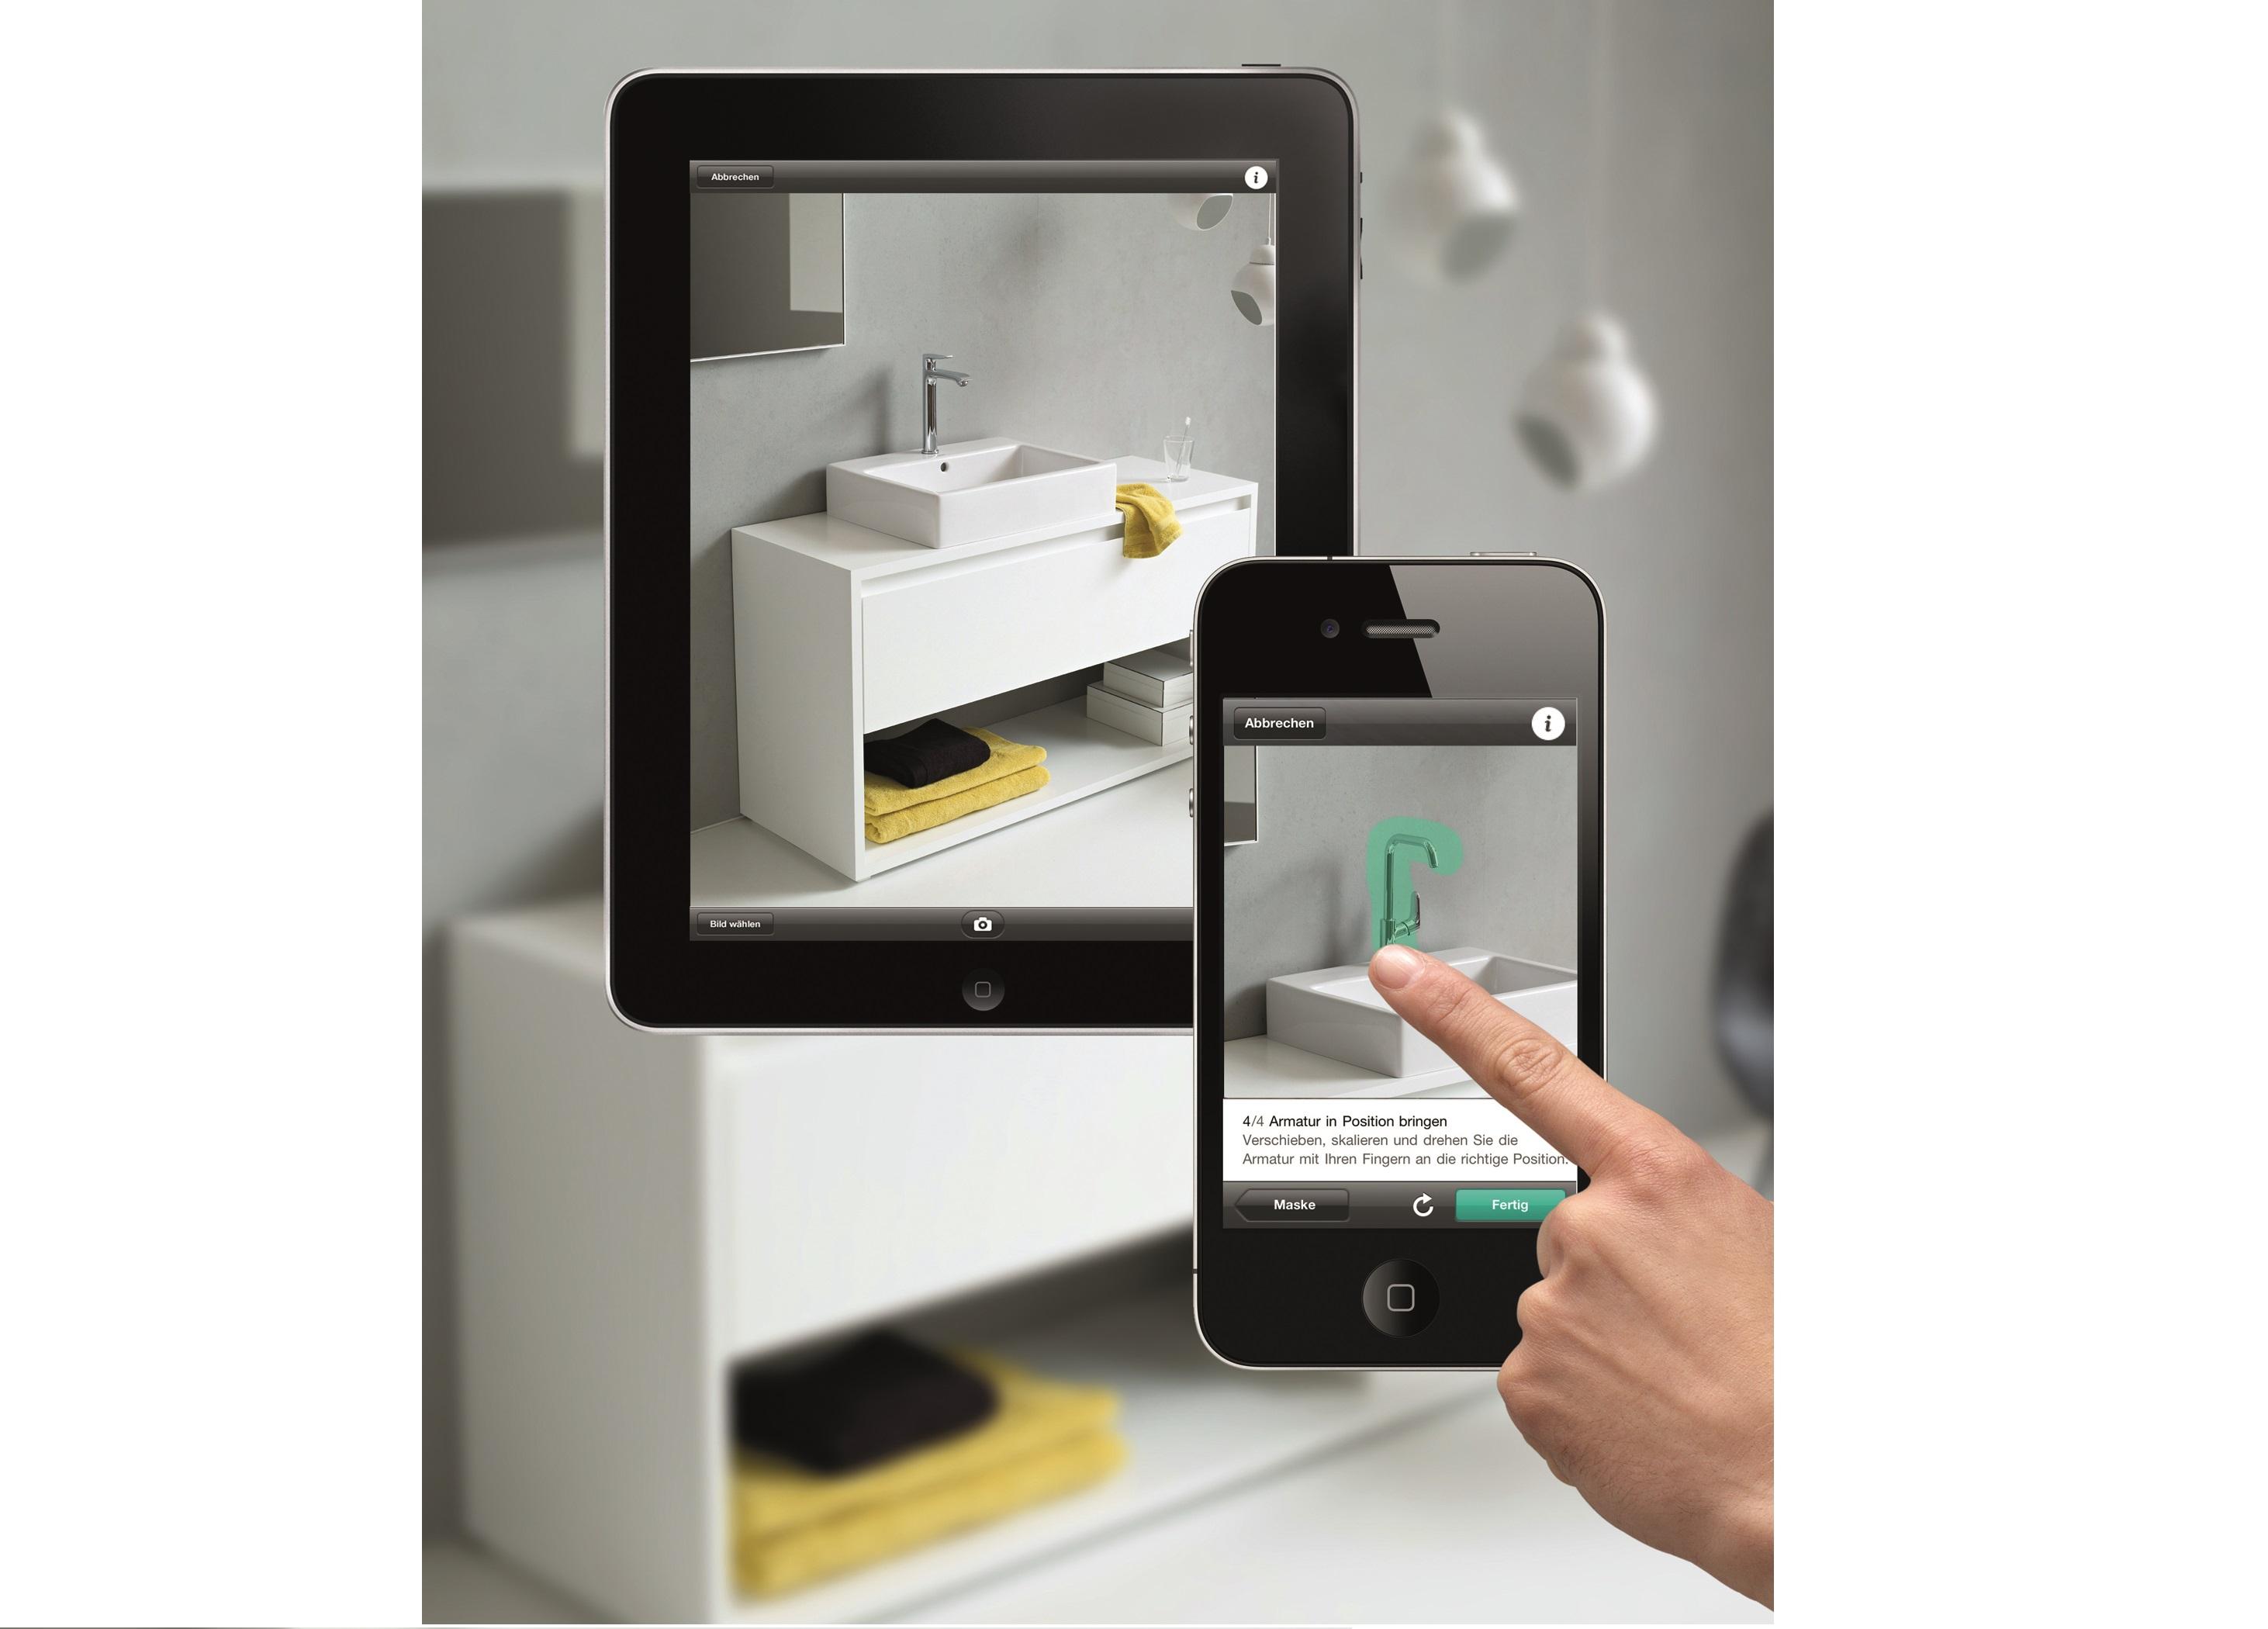 Badkamer en keuken indelen met app for App badkamer ontwerpen